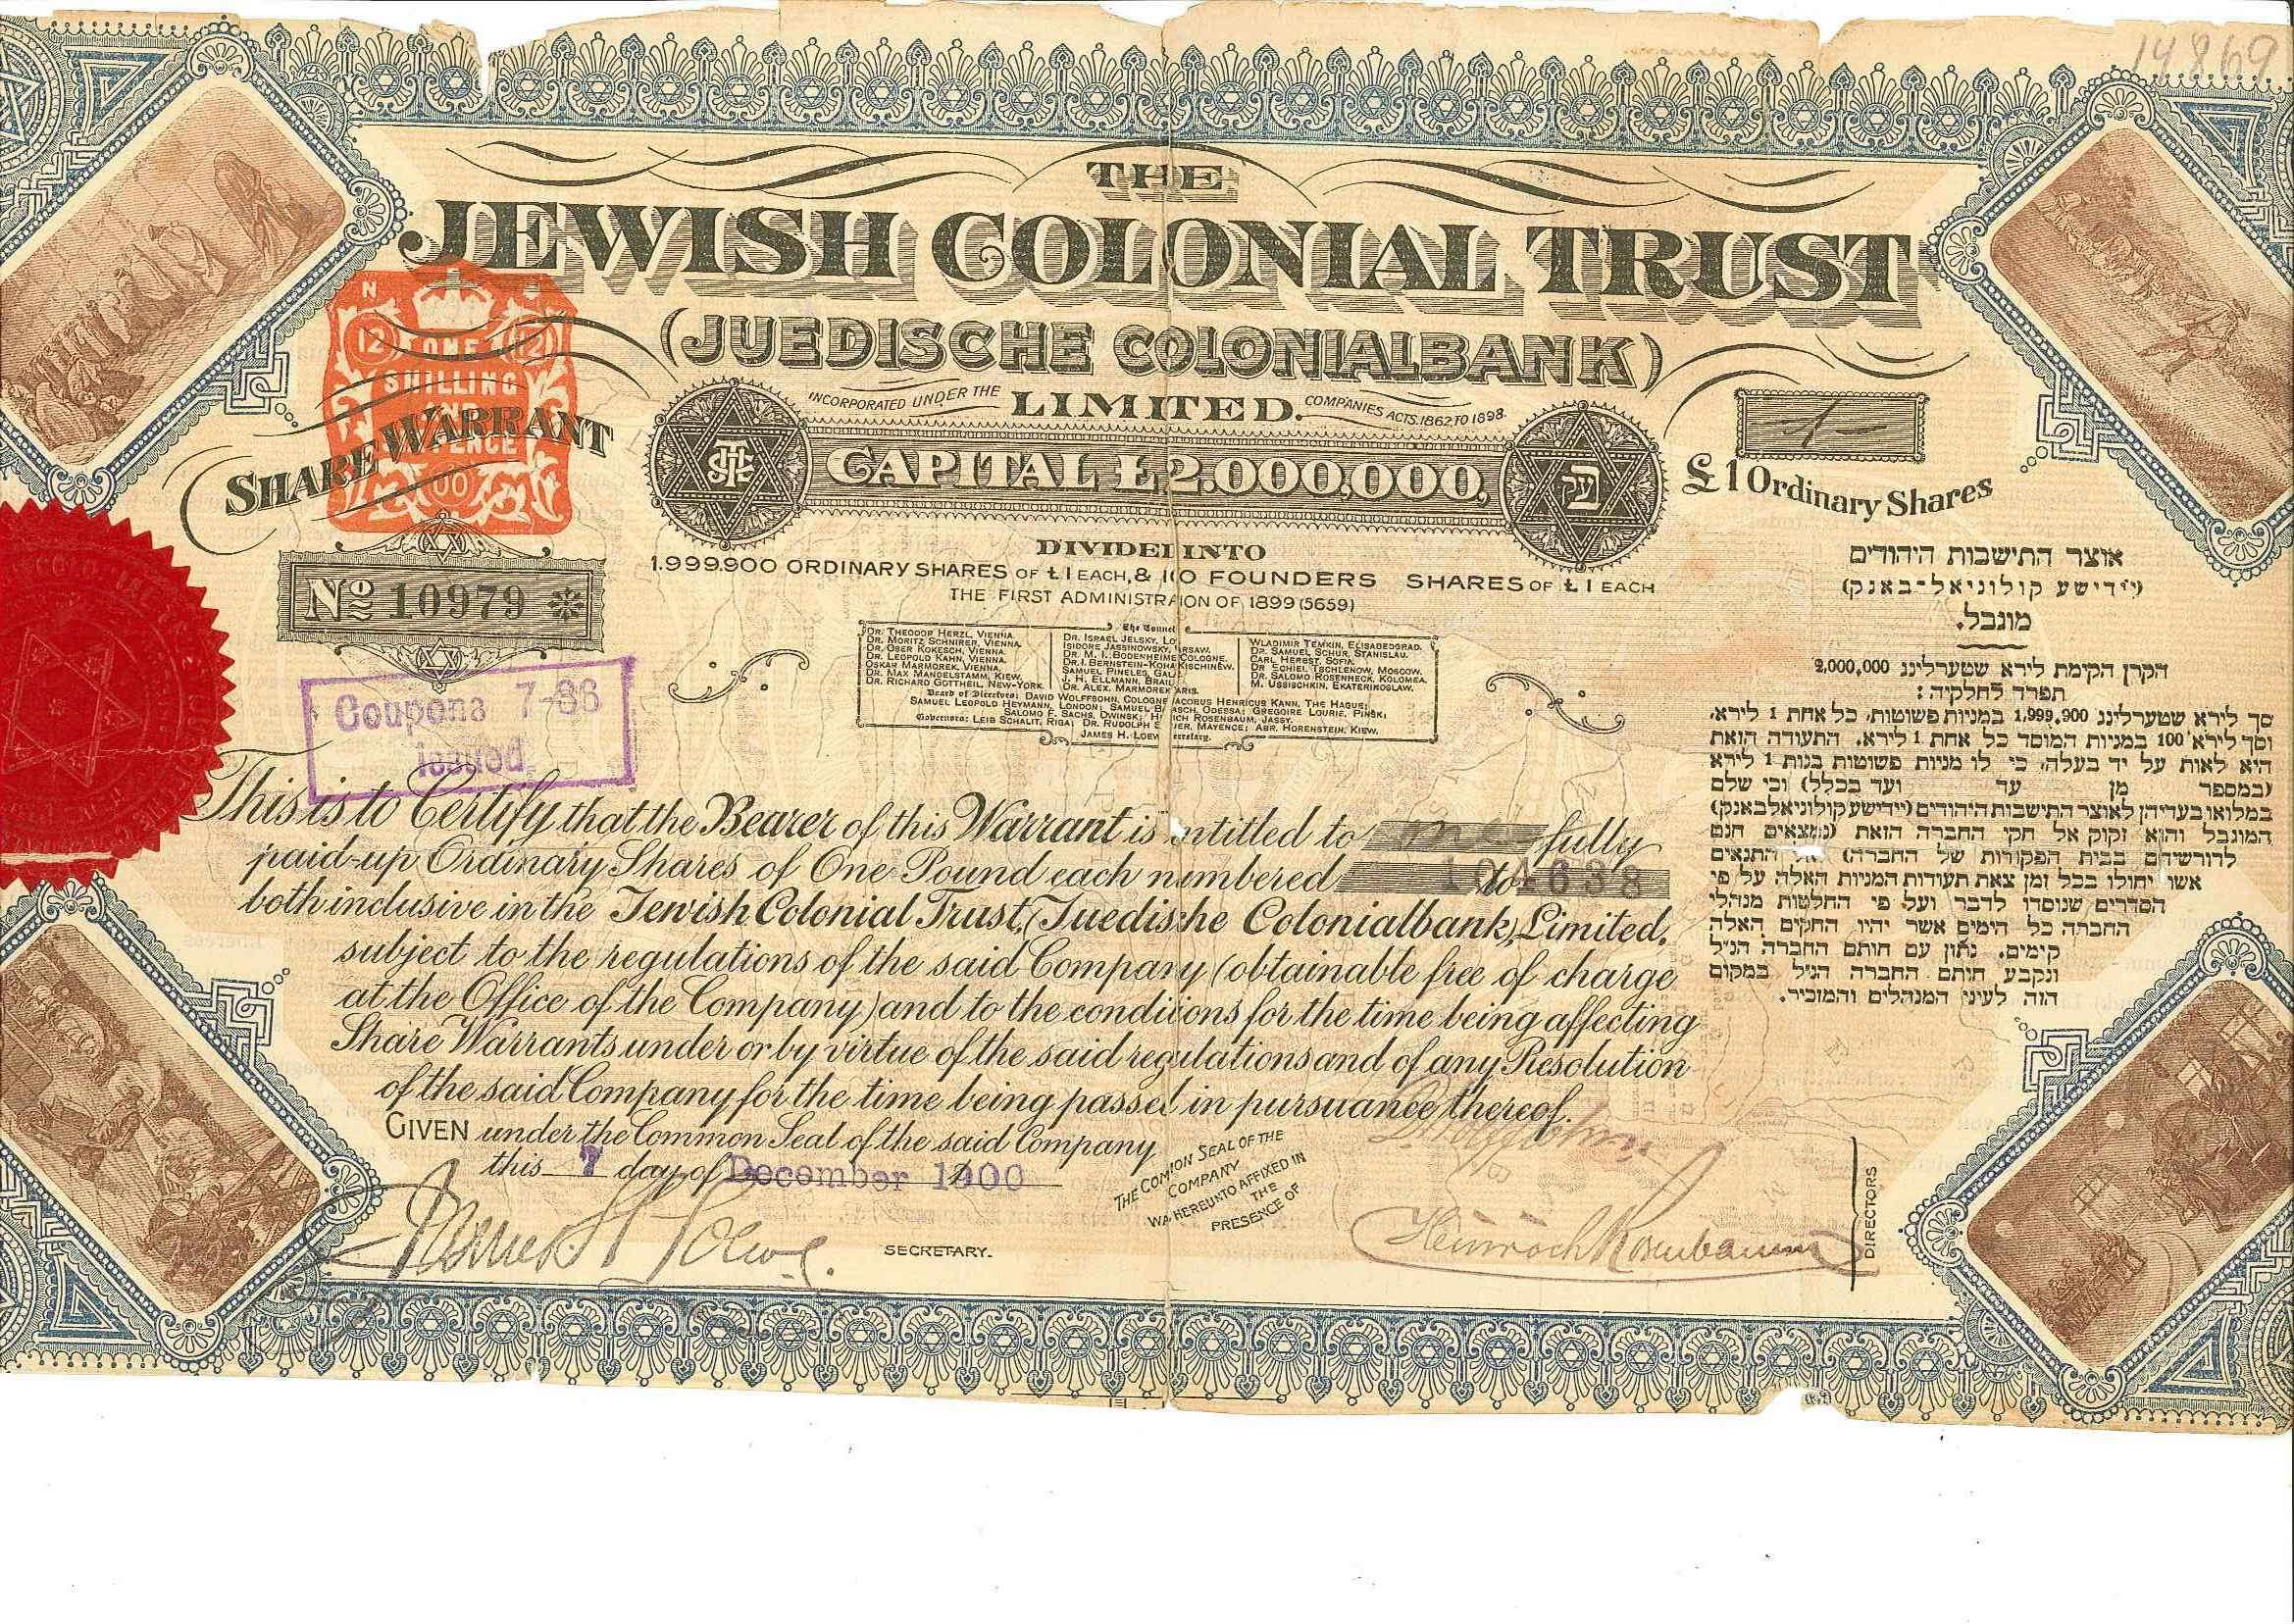 Акция Еврейского Колониального Треста (Jewish Colonial Trust)